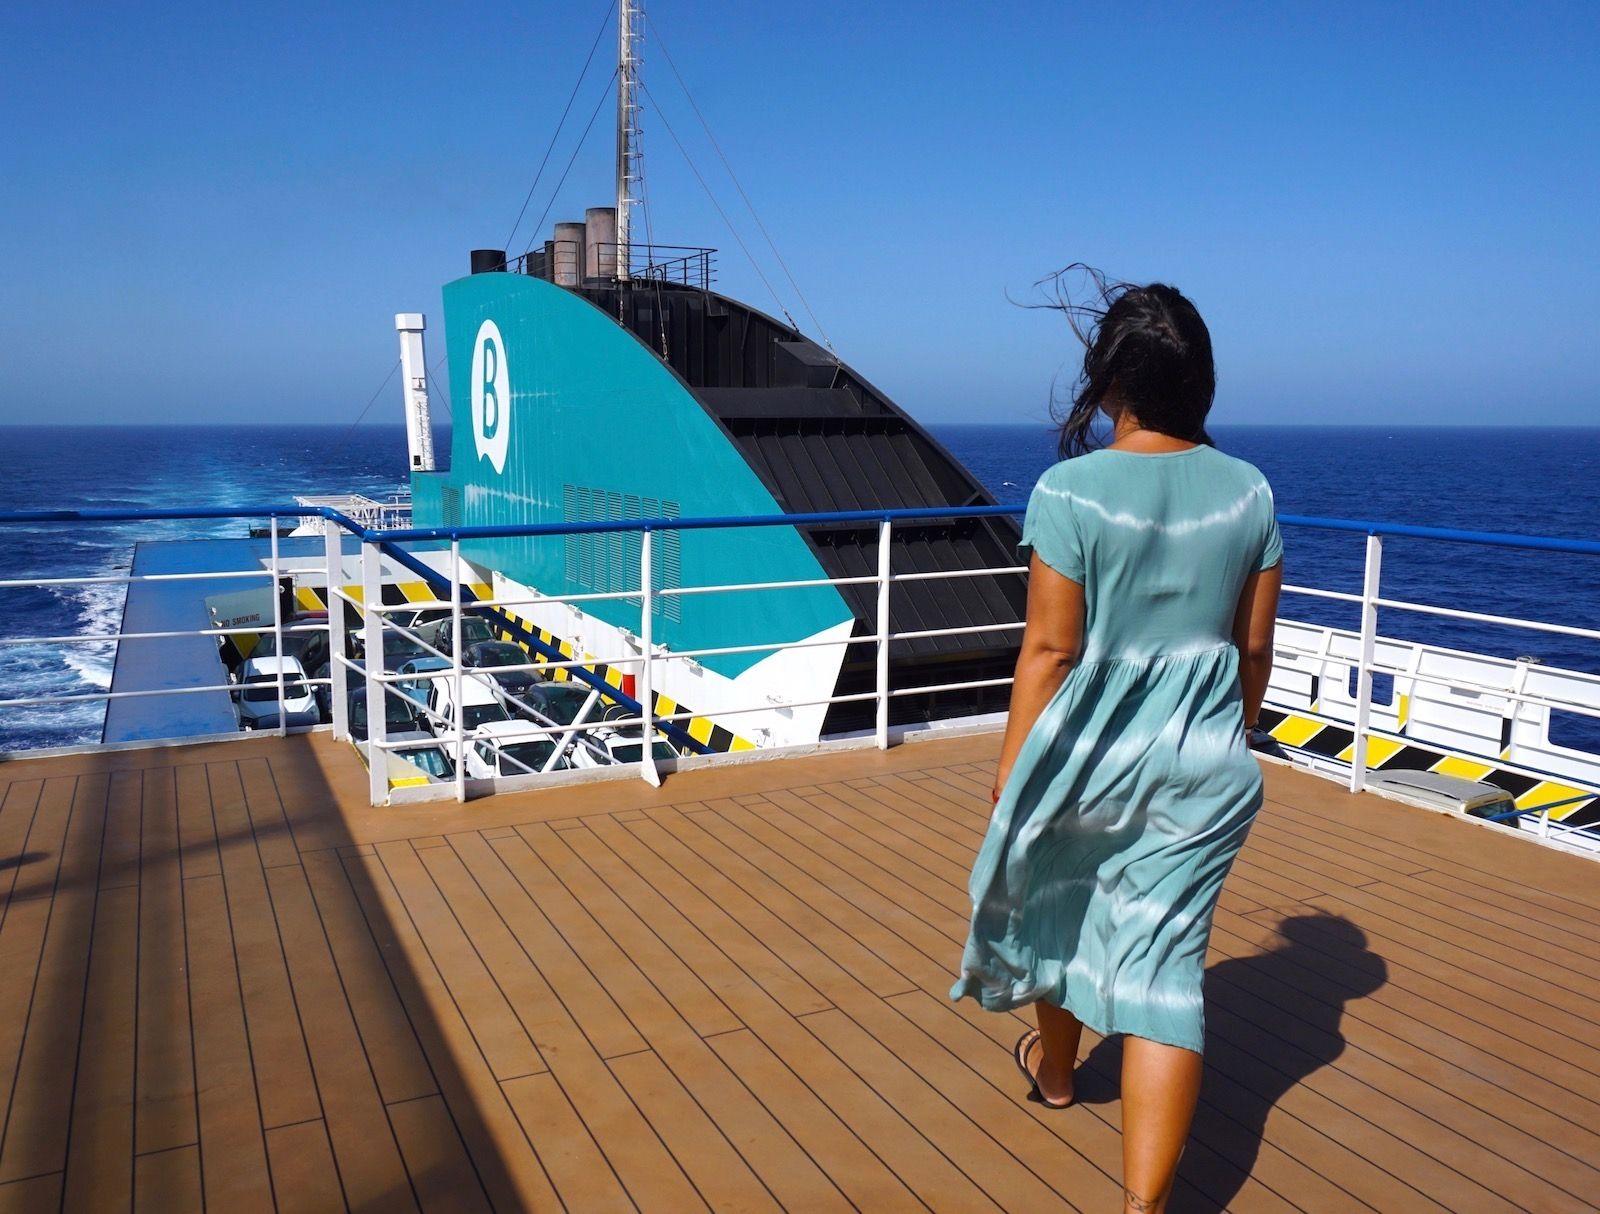 Ferry entre Canarias y Huelva: la forma más sostenible y segura de viajar en tiempos de pandemia